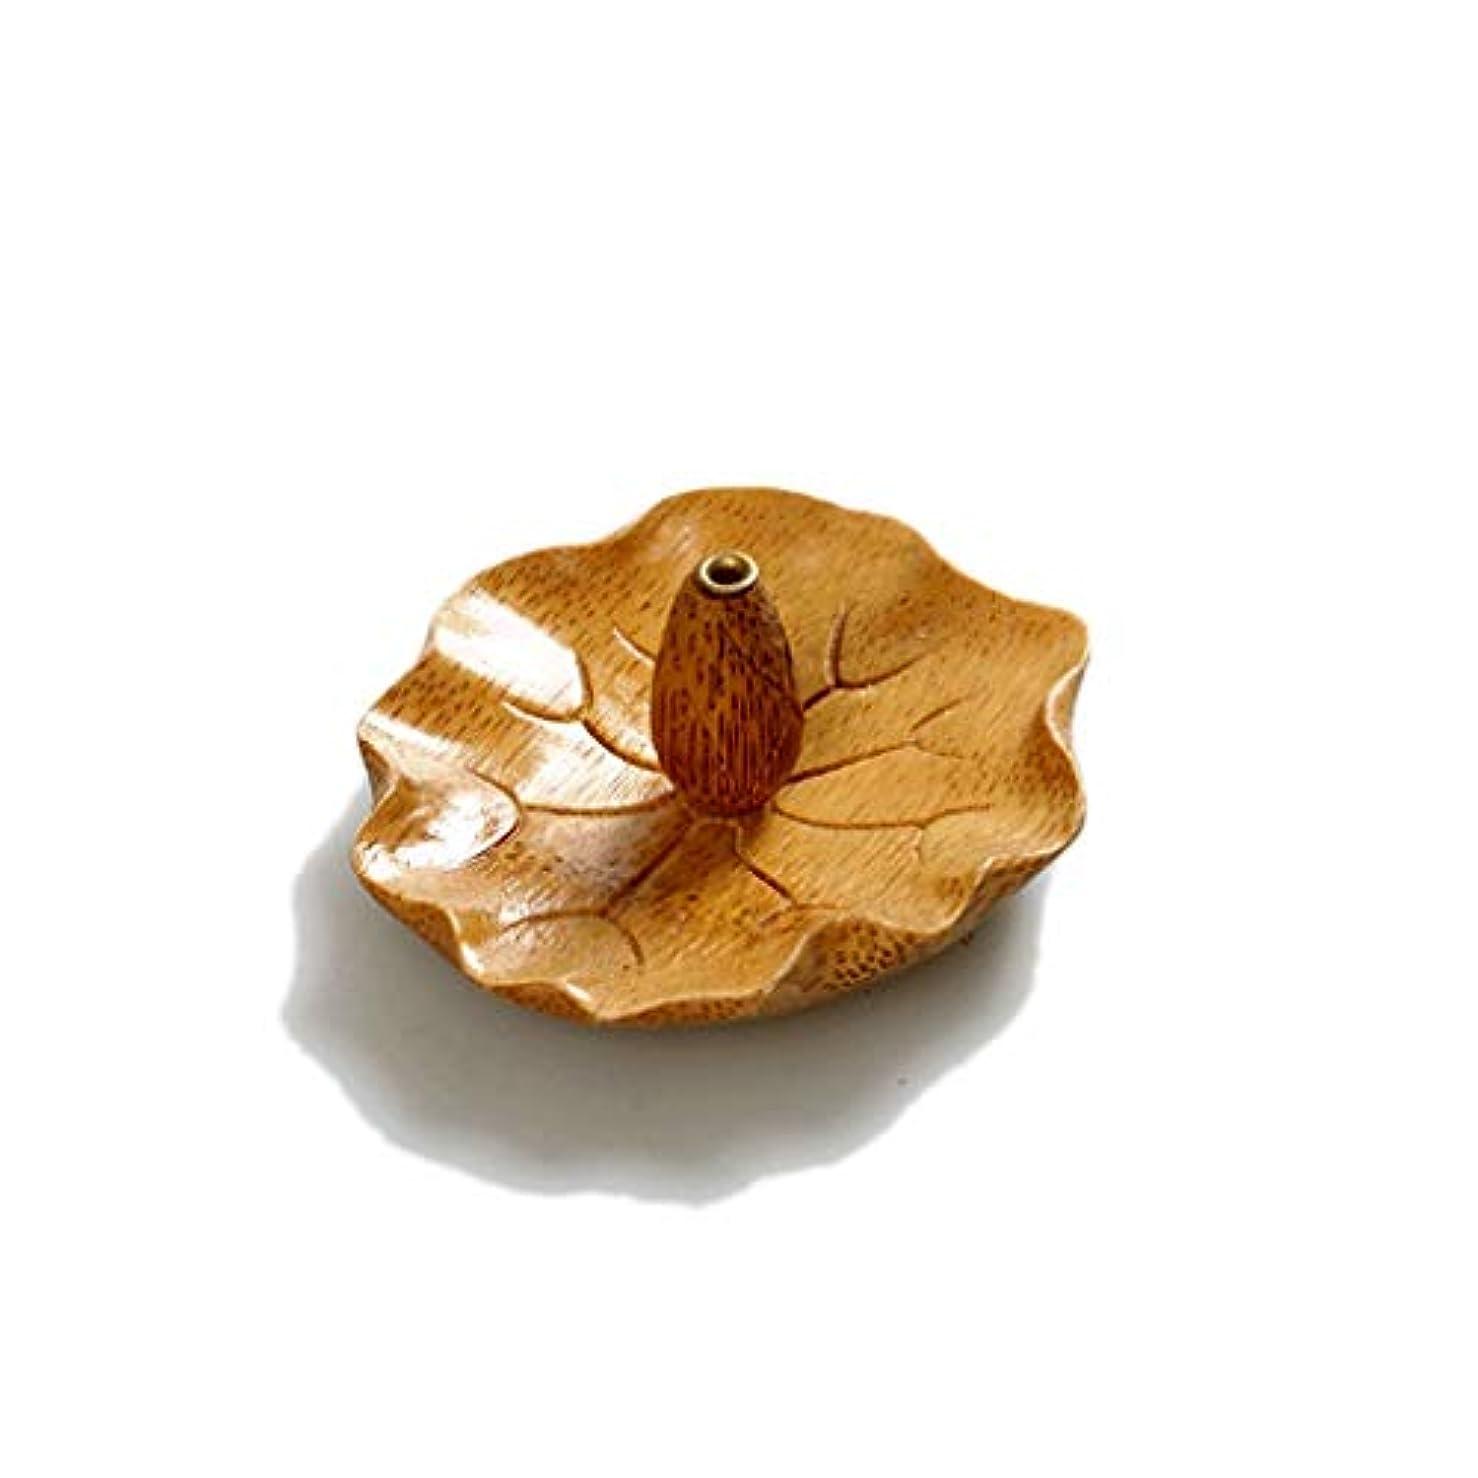 暴君責自動化クリエイティブ竹香ホルダー瞑想香バーナー手作りの葉形の家の装飾香スティックコーンバーナーホルダー (Color : C)